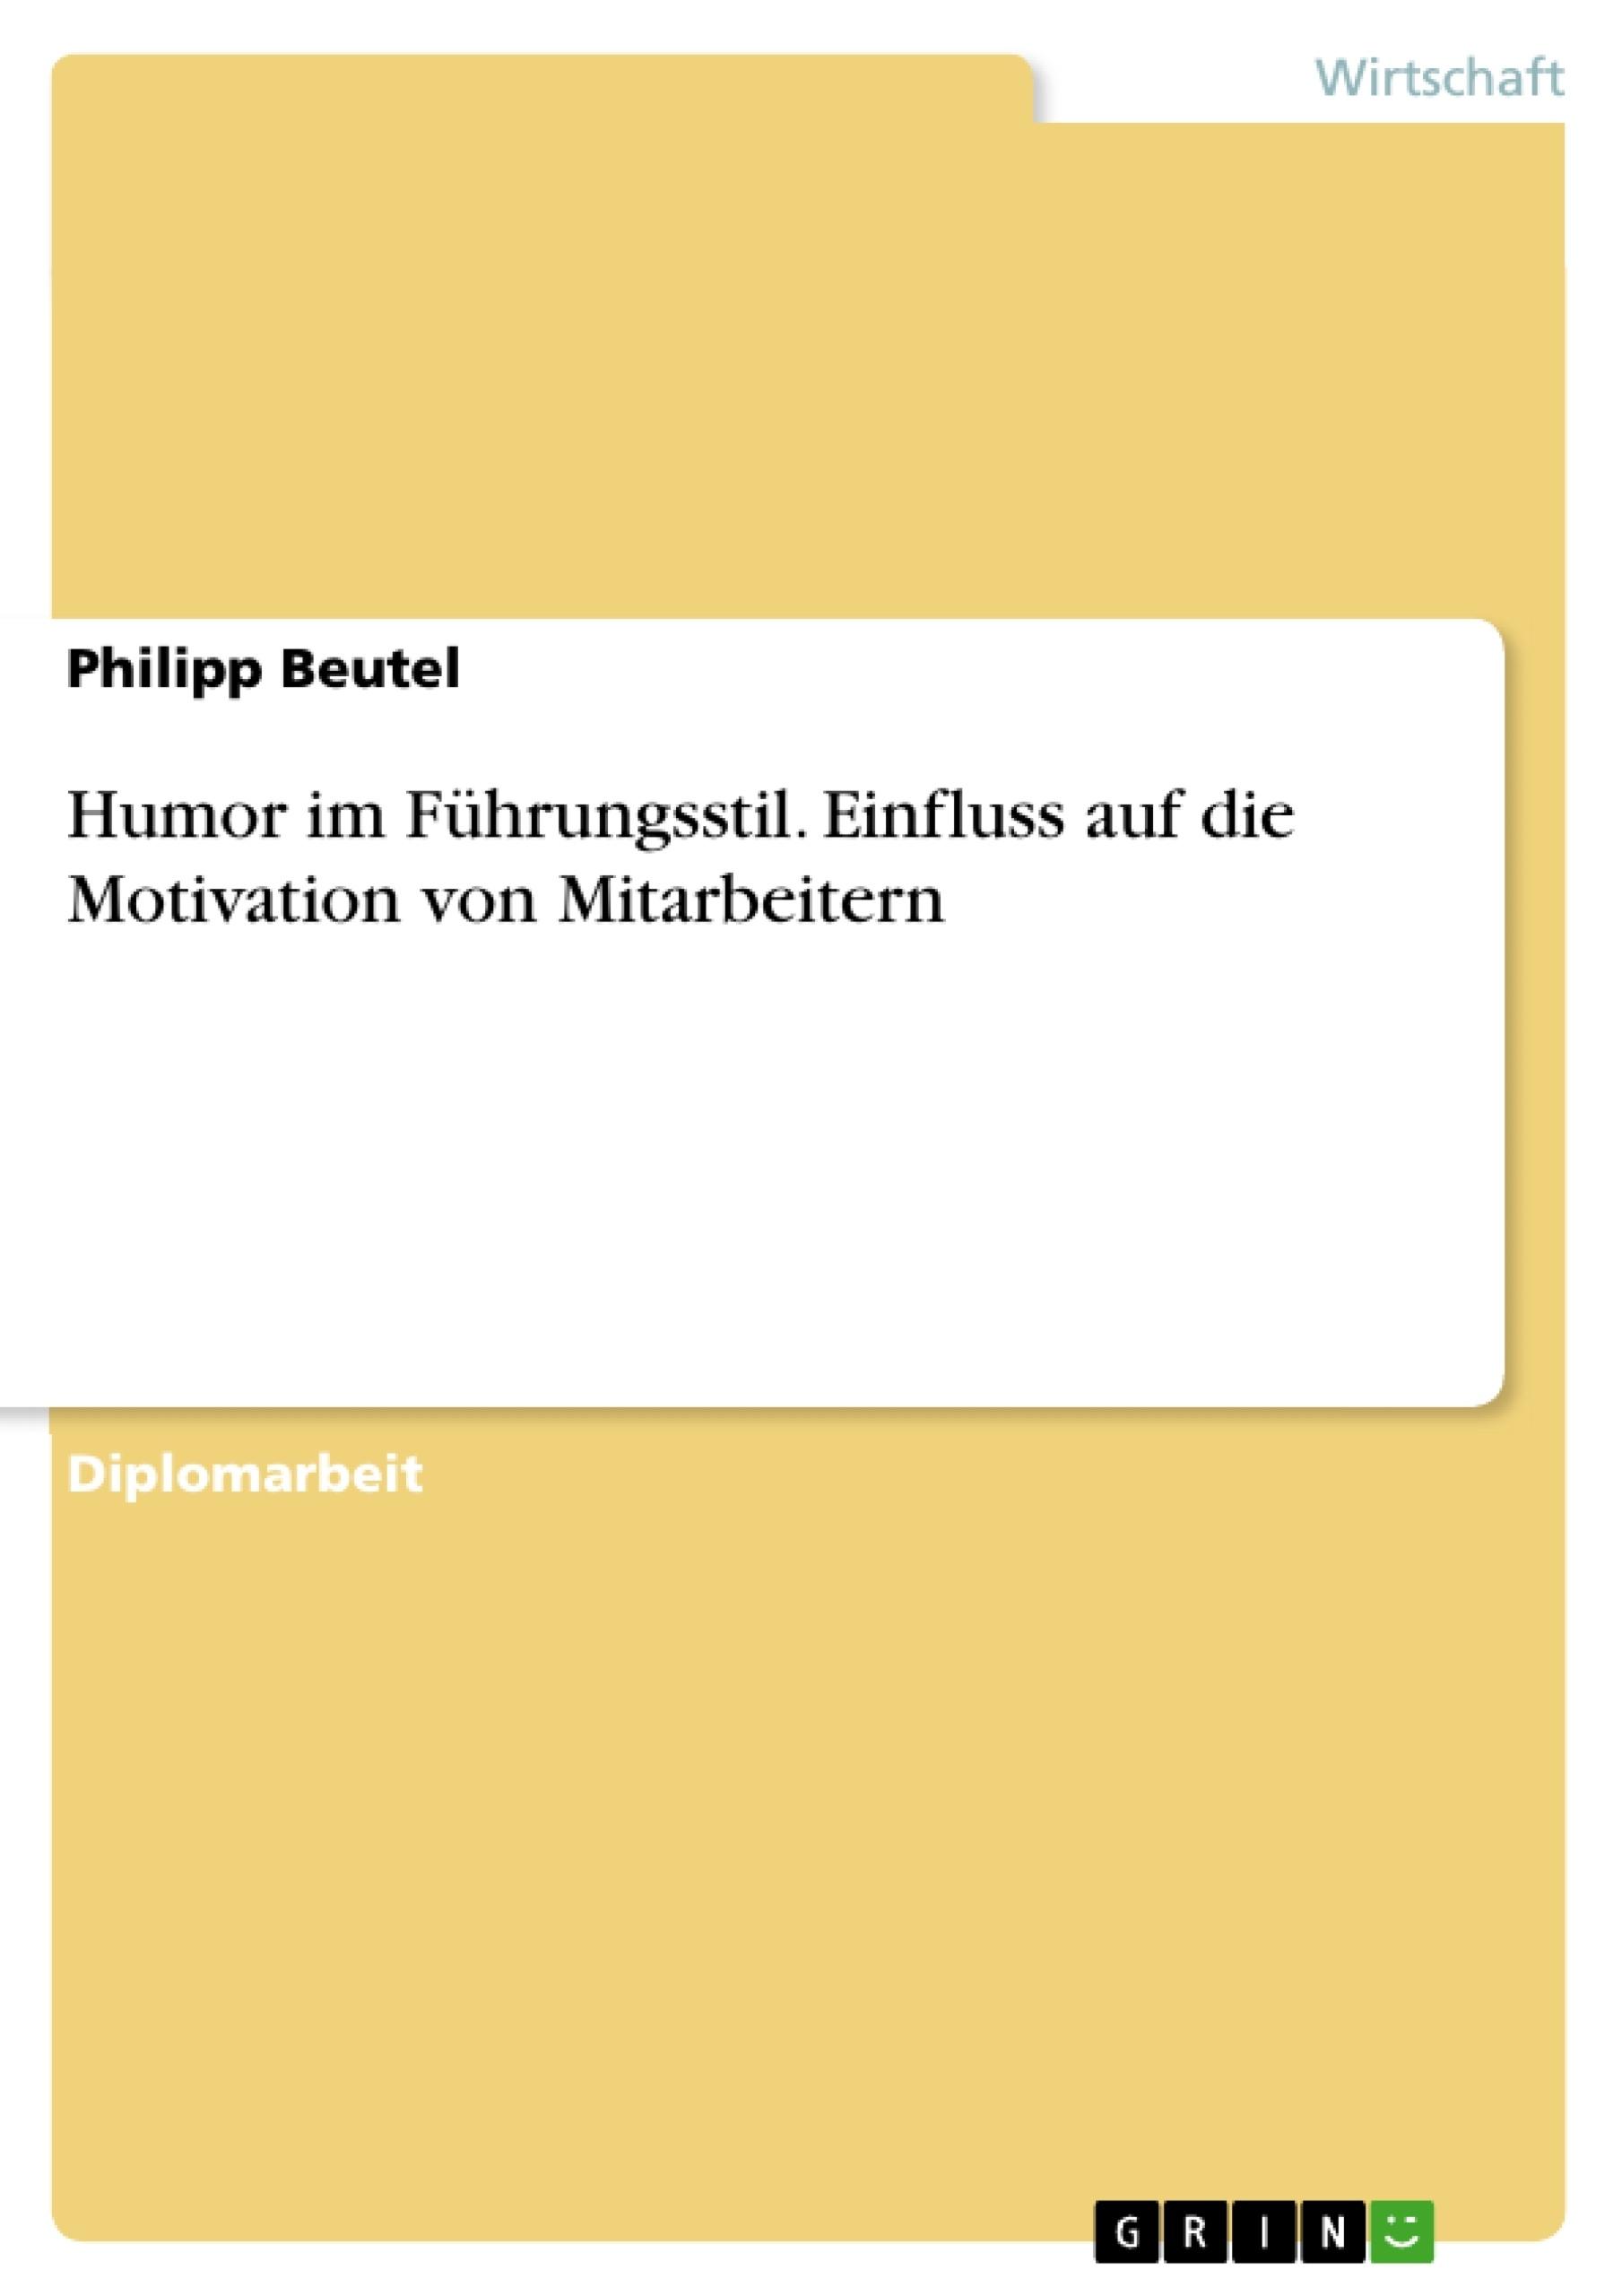 Titel: Humor im Führungsstil. Einfluss auf die Motivation von Mitarbeitern